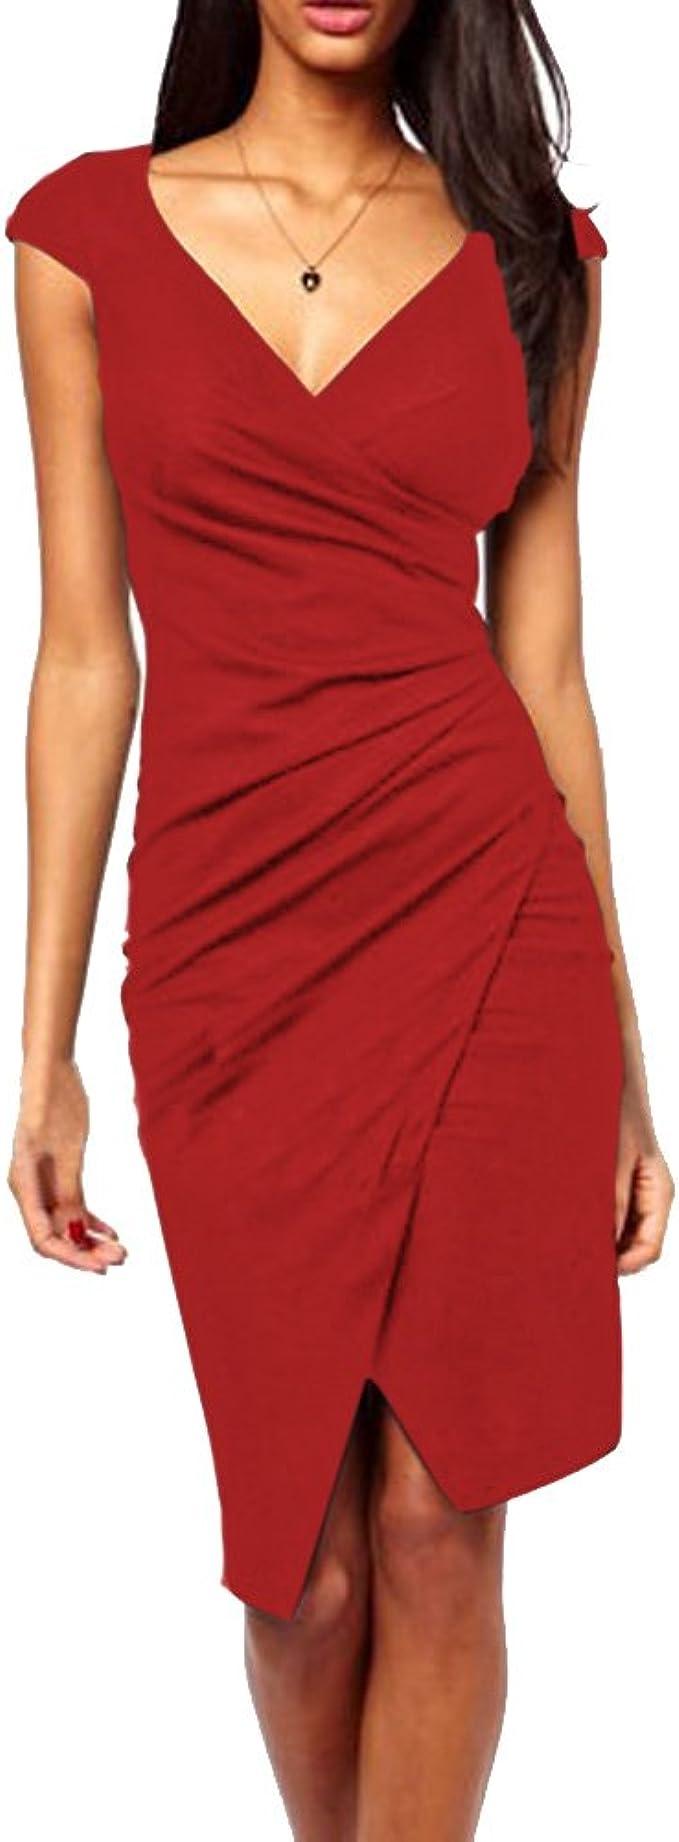 Robe mi longue moulante cape col V élégante soirée rouge